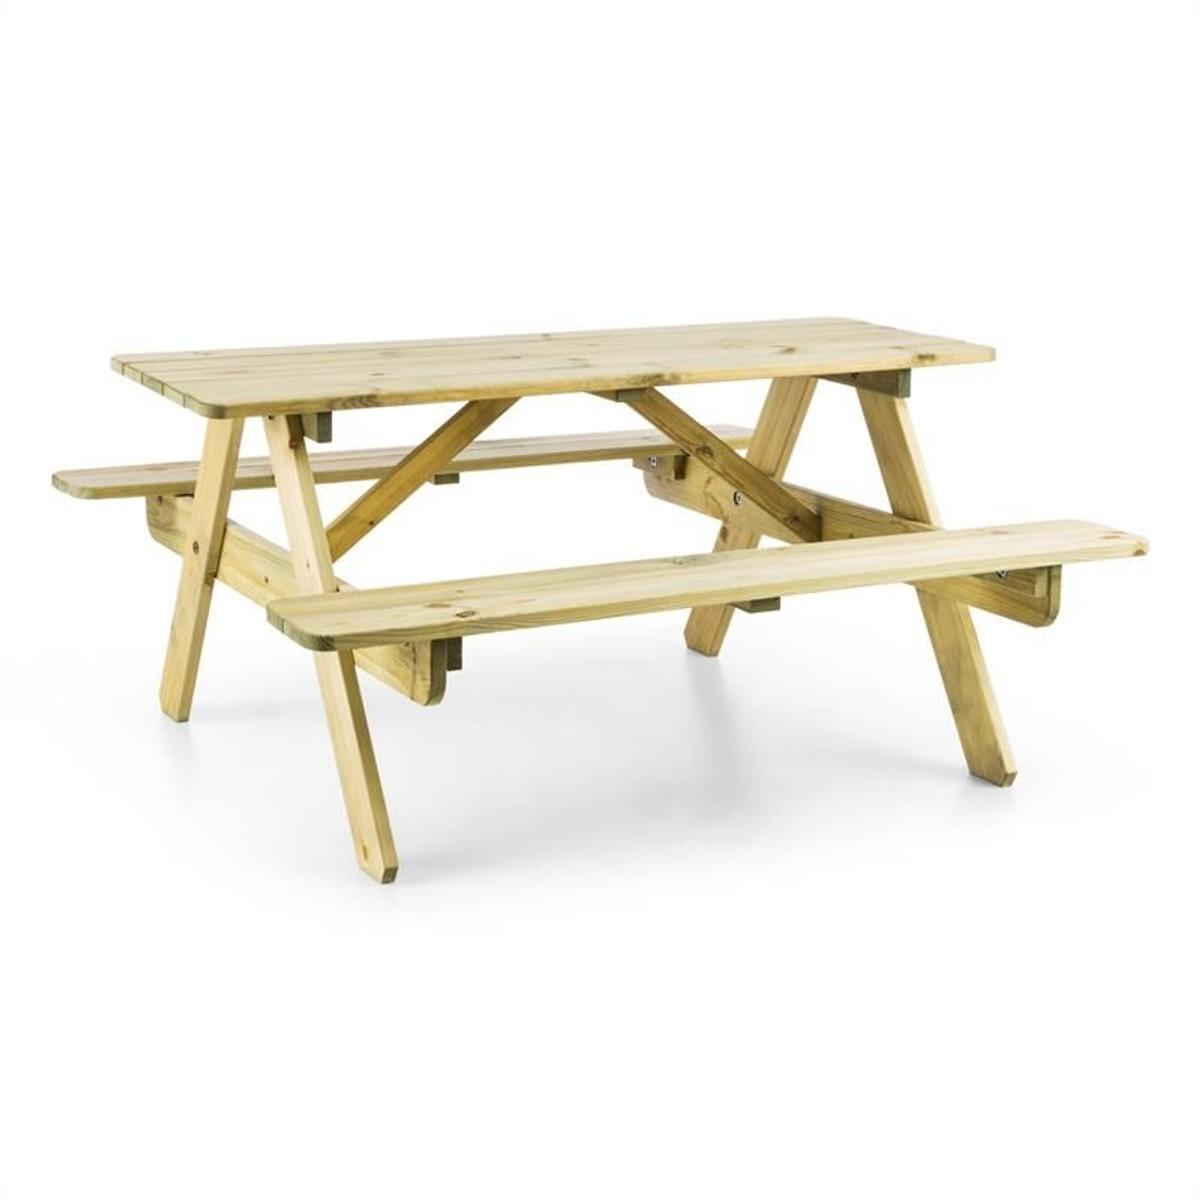 Table De Pique-Nique Avec Banc Meuble Jardin Pour Enfants ... pour Table De Jardin Pique Nique Bois